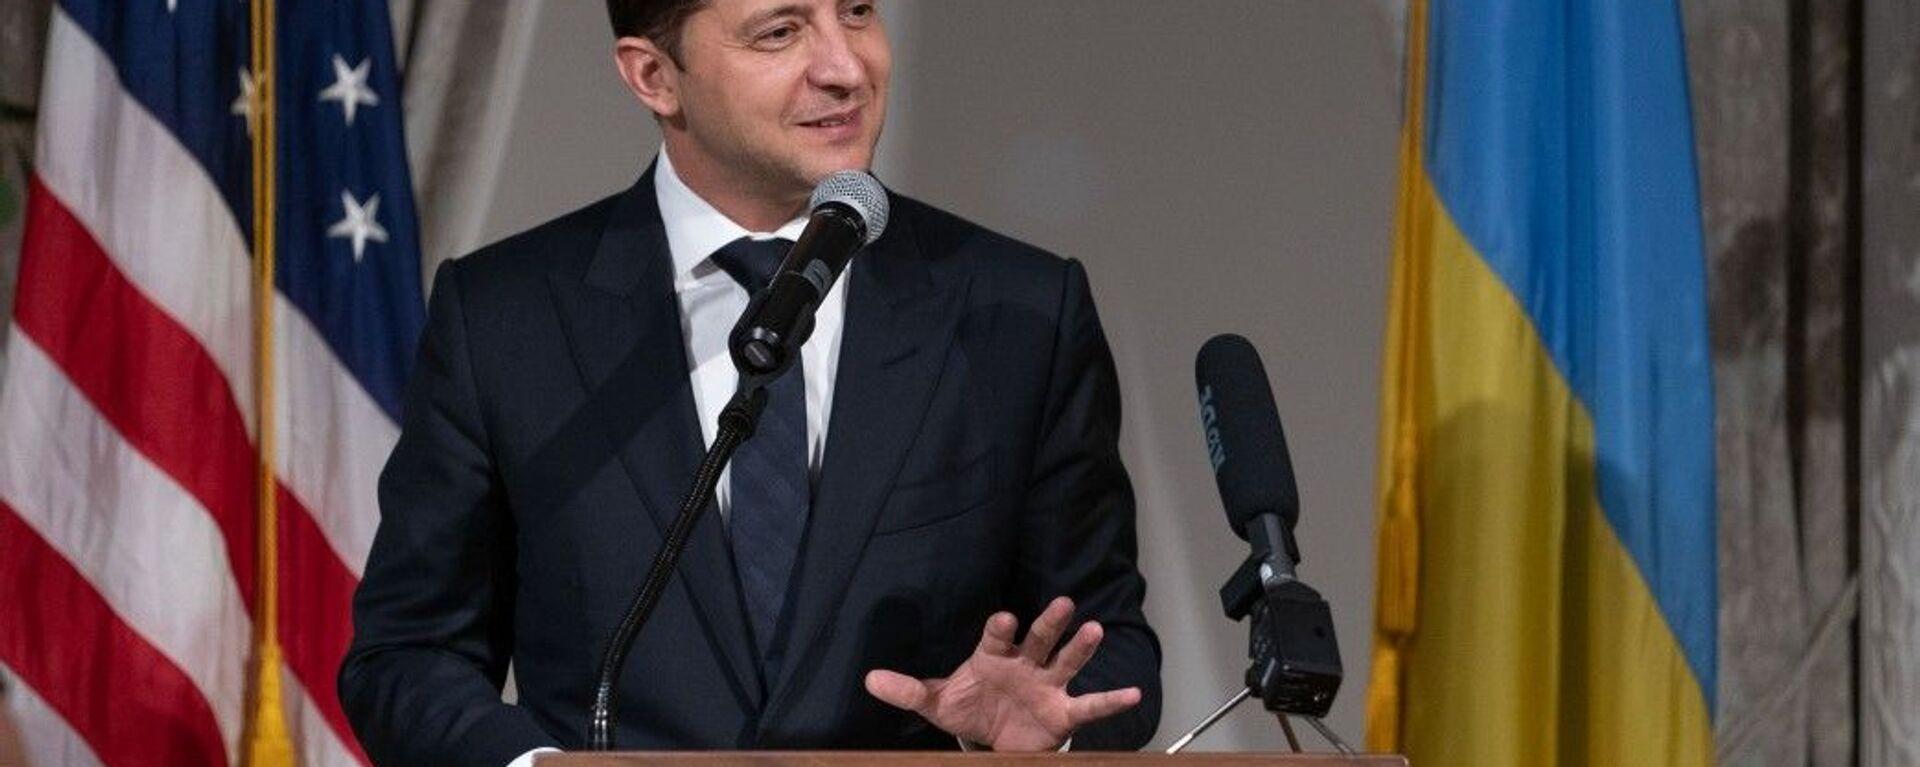 Президент Украины Владимир Зеленский - Sputnik Ўзбекистон, 1920, 15.09.2021